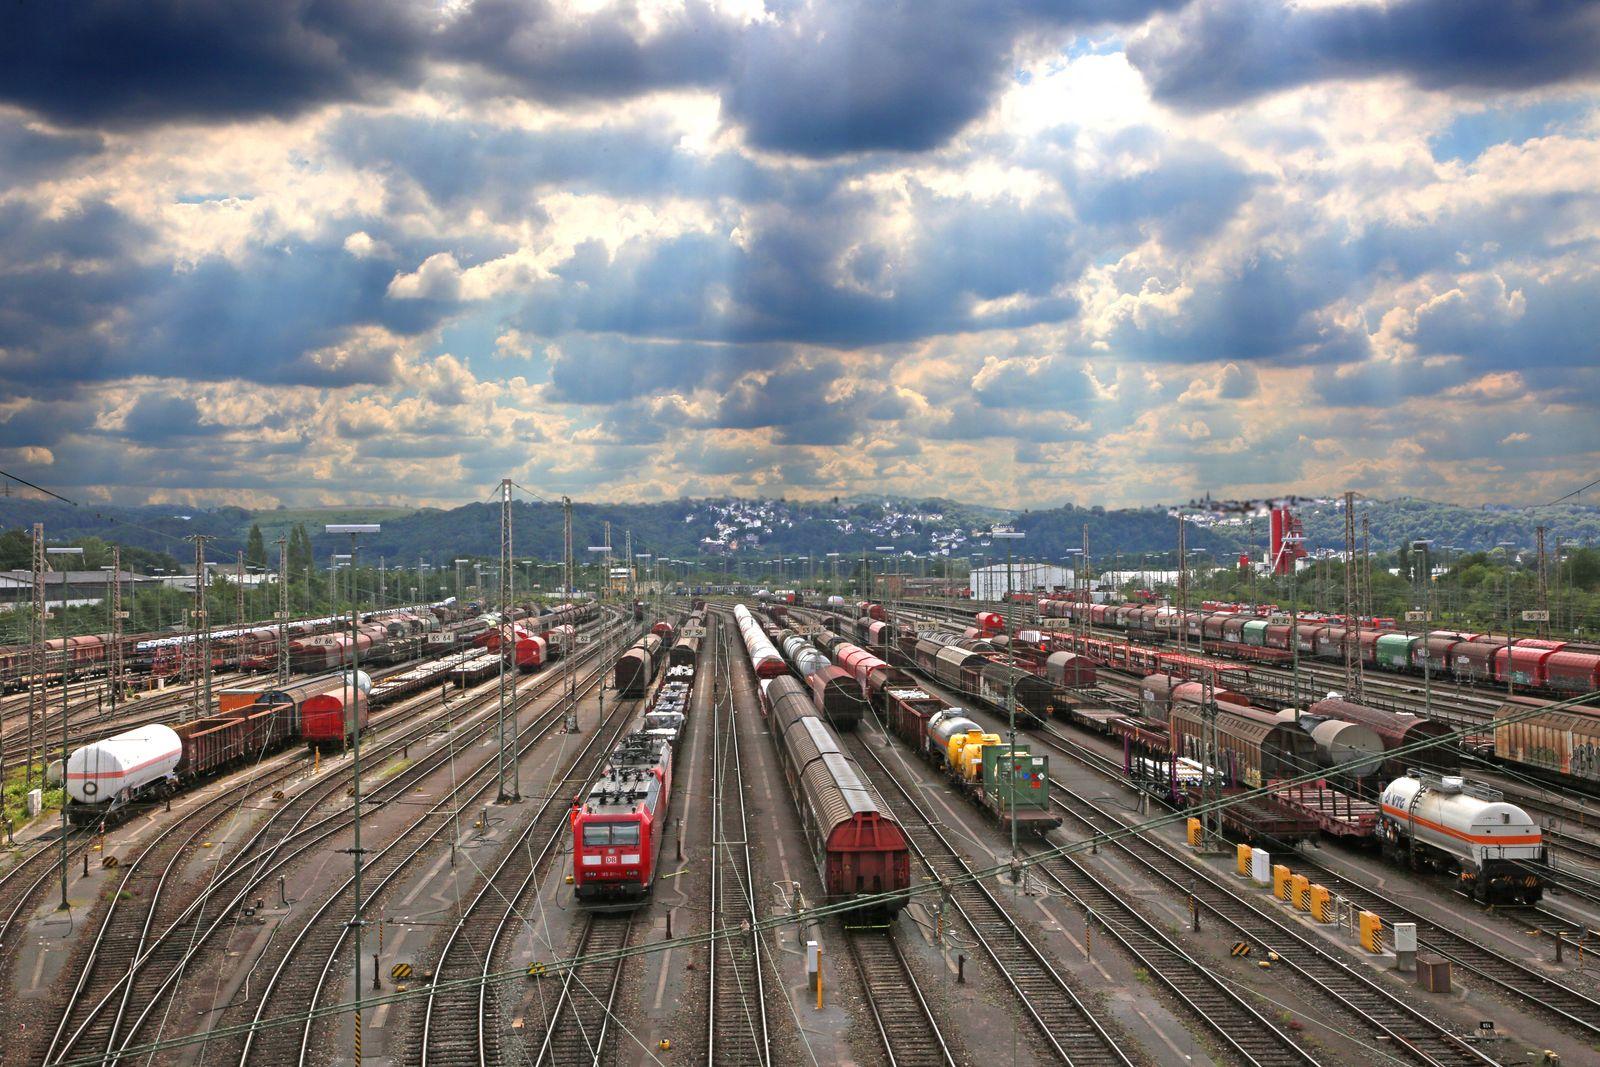 Die gro?en Rangierbahnh?fe Deutschlands BEARBEITET: PANORAMA: Gesellschaft;Mobilit?t;Verkehr;Schienenverkehr;Bahnverkehr